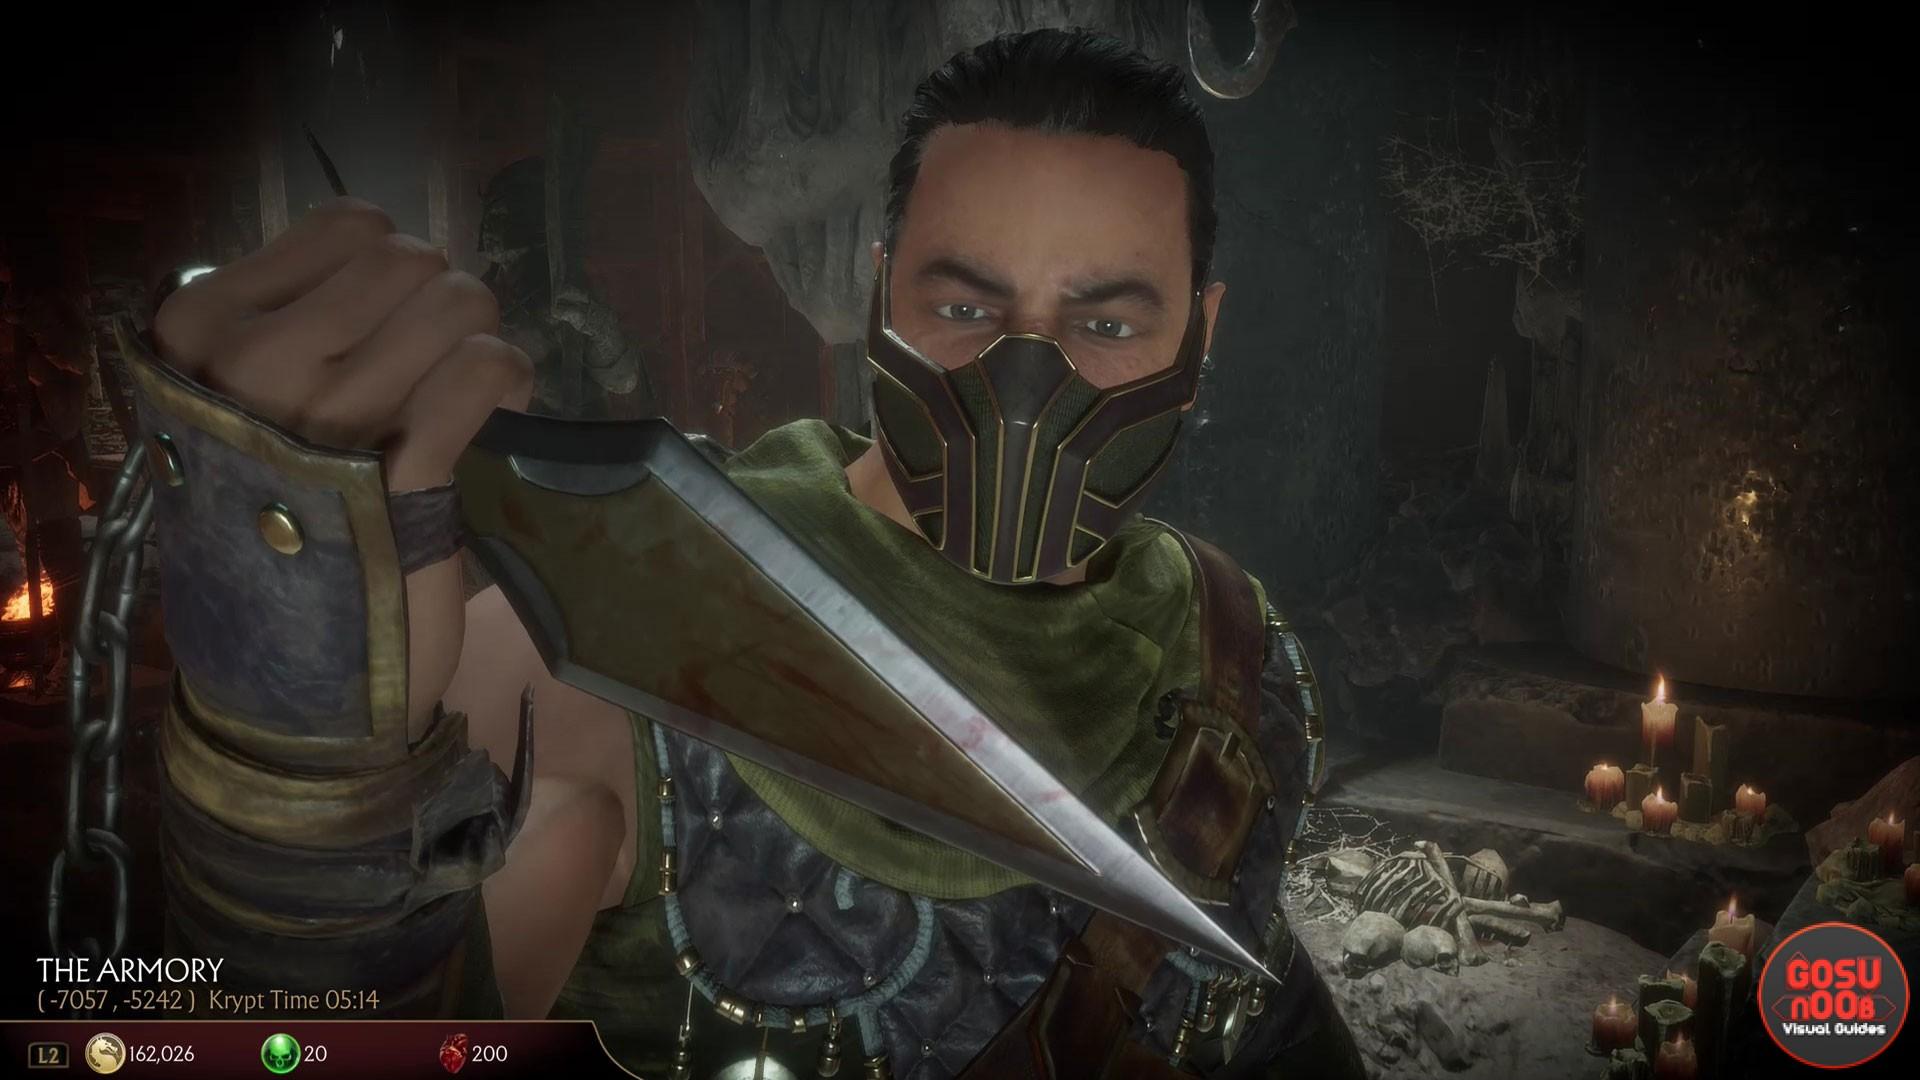 Mortal Kombat 11 Scorpion S Spear Location In Krypt How To Open Gate